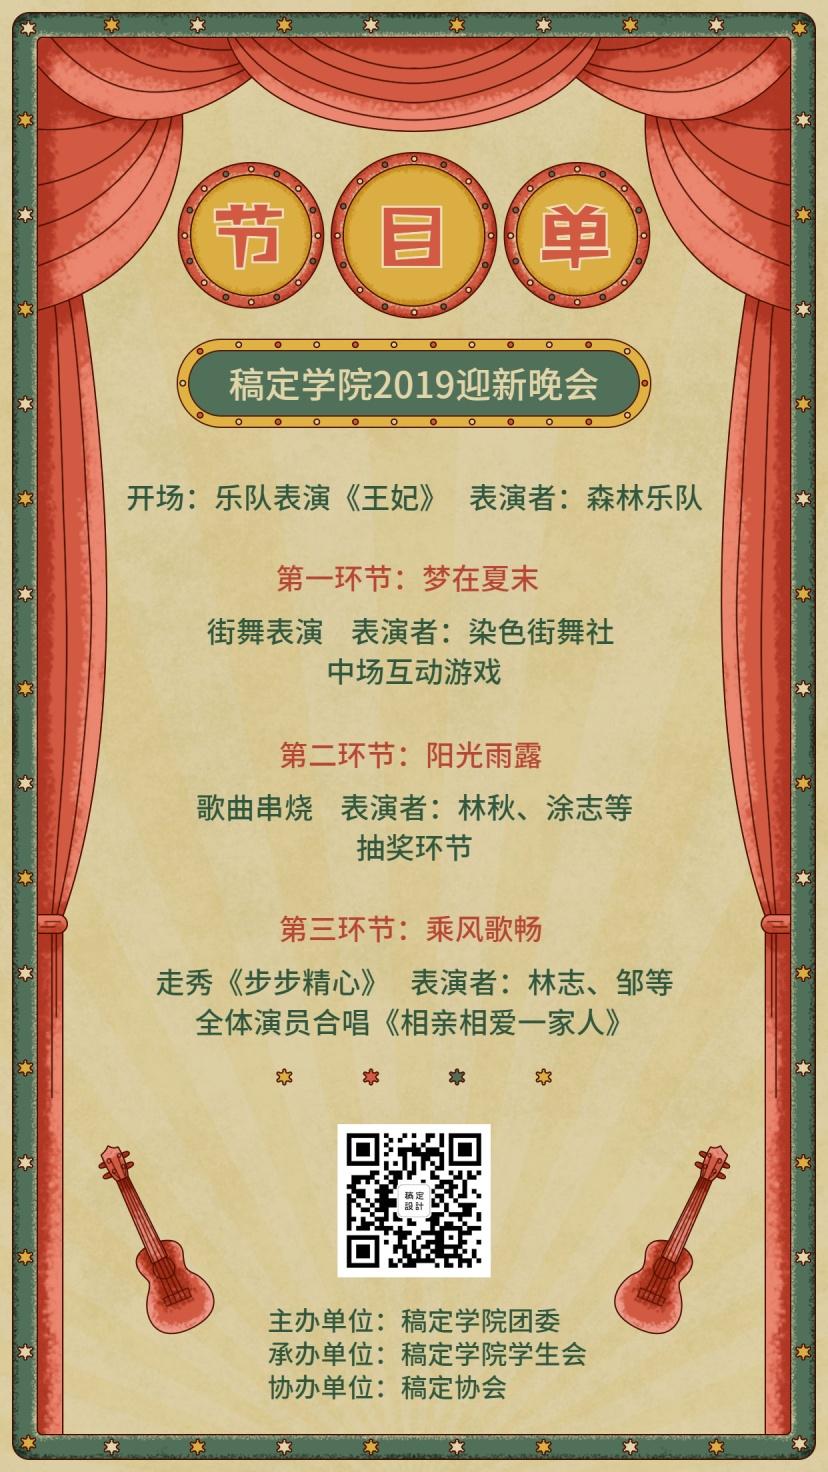 学院2019迎新晚会节目单手机海报